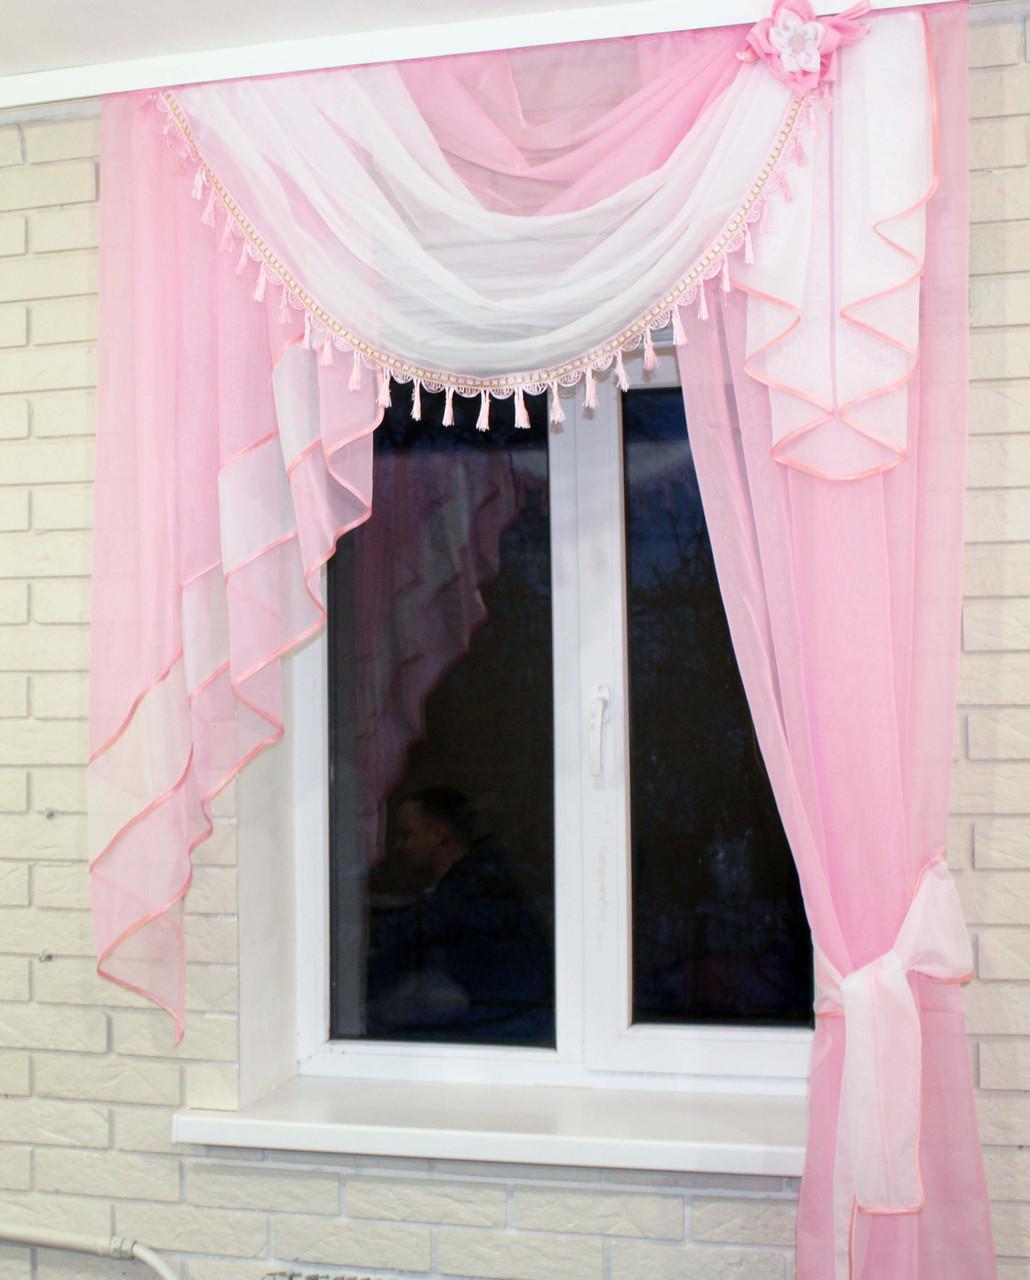 Ламбрекен №27а на карниз 1.5м. с шторкой. Цвет розовый